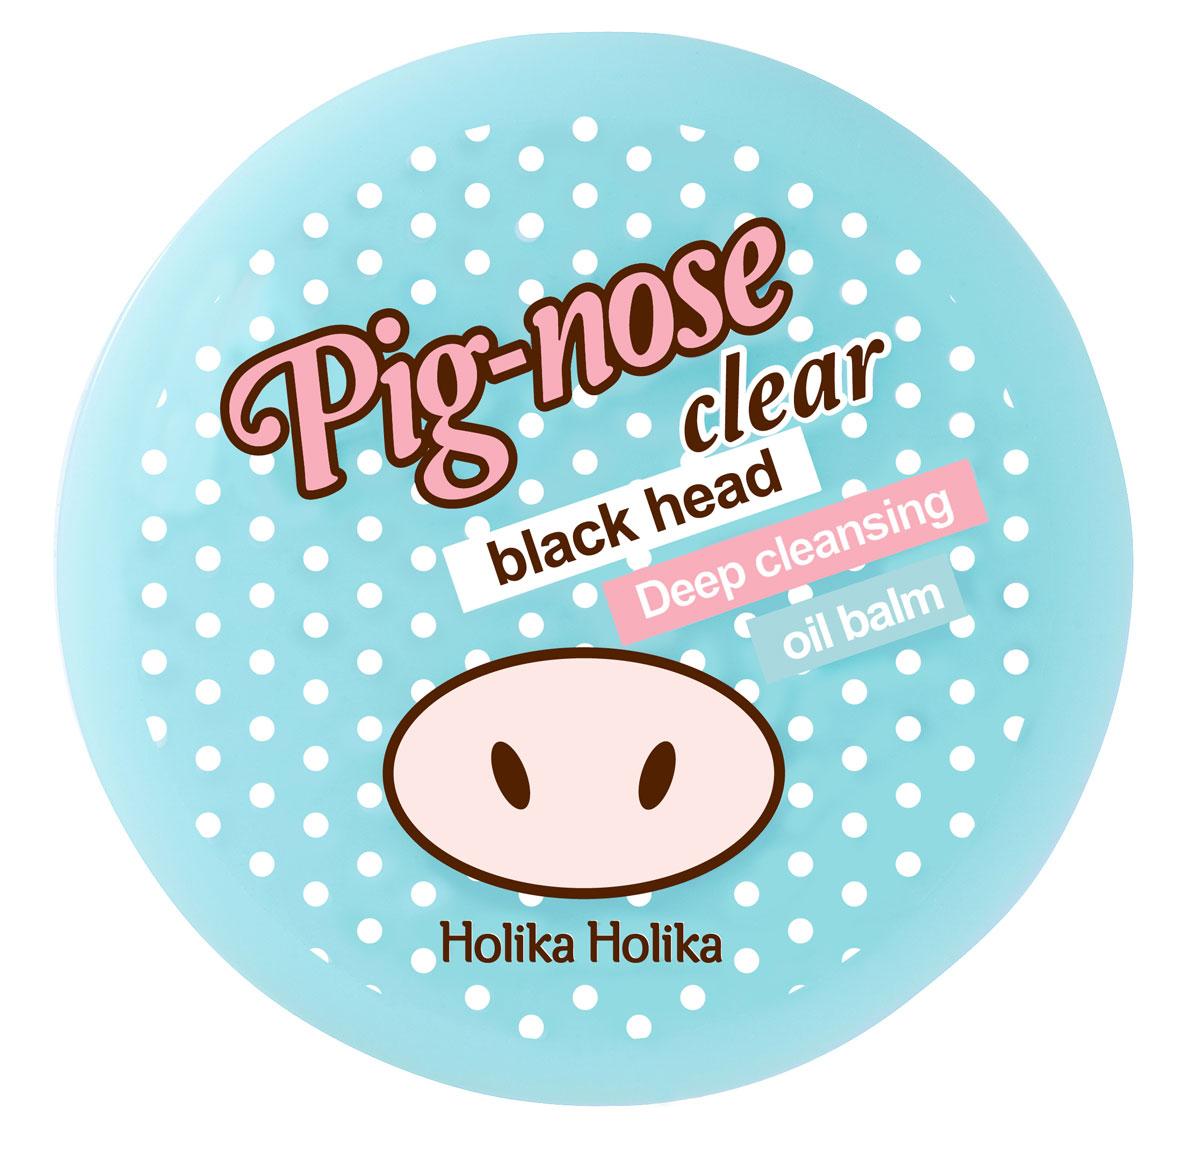 Holika Holika Бальзам Pig-nose для очистки пор, 30 мл20011713Holika Holika Pig-nose - эффективный очищающий бальзам против черных точек. Нежная текстура бальзама мягко очищает кожные выделения и глубоко проникает в поры, удаляя все загрязнения. Основной ингредиент - розовая глина, она отлично абсорбирует кожный жир и помогает контролировать работу сальных желез. Экстракты алоэ вера и лимона увлажняют кожу и предотвращают появление несовершенств. Лимон также немного выбеливает текстуру кожи. Это средство действует эффективнее с другими средствами из серии. Применение : нанесите на участки кожи с черными точками. Оставьте на 5 минут. Удалите и умойтесь теплой водой. Характеристики: Объем: 30 мл. Артикул: 20011713. Производитель: Корея. Товар сертифицирован.